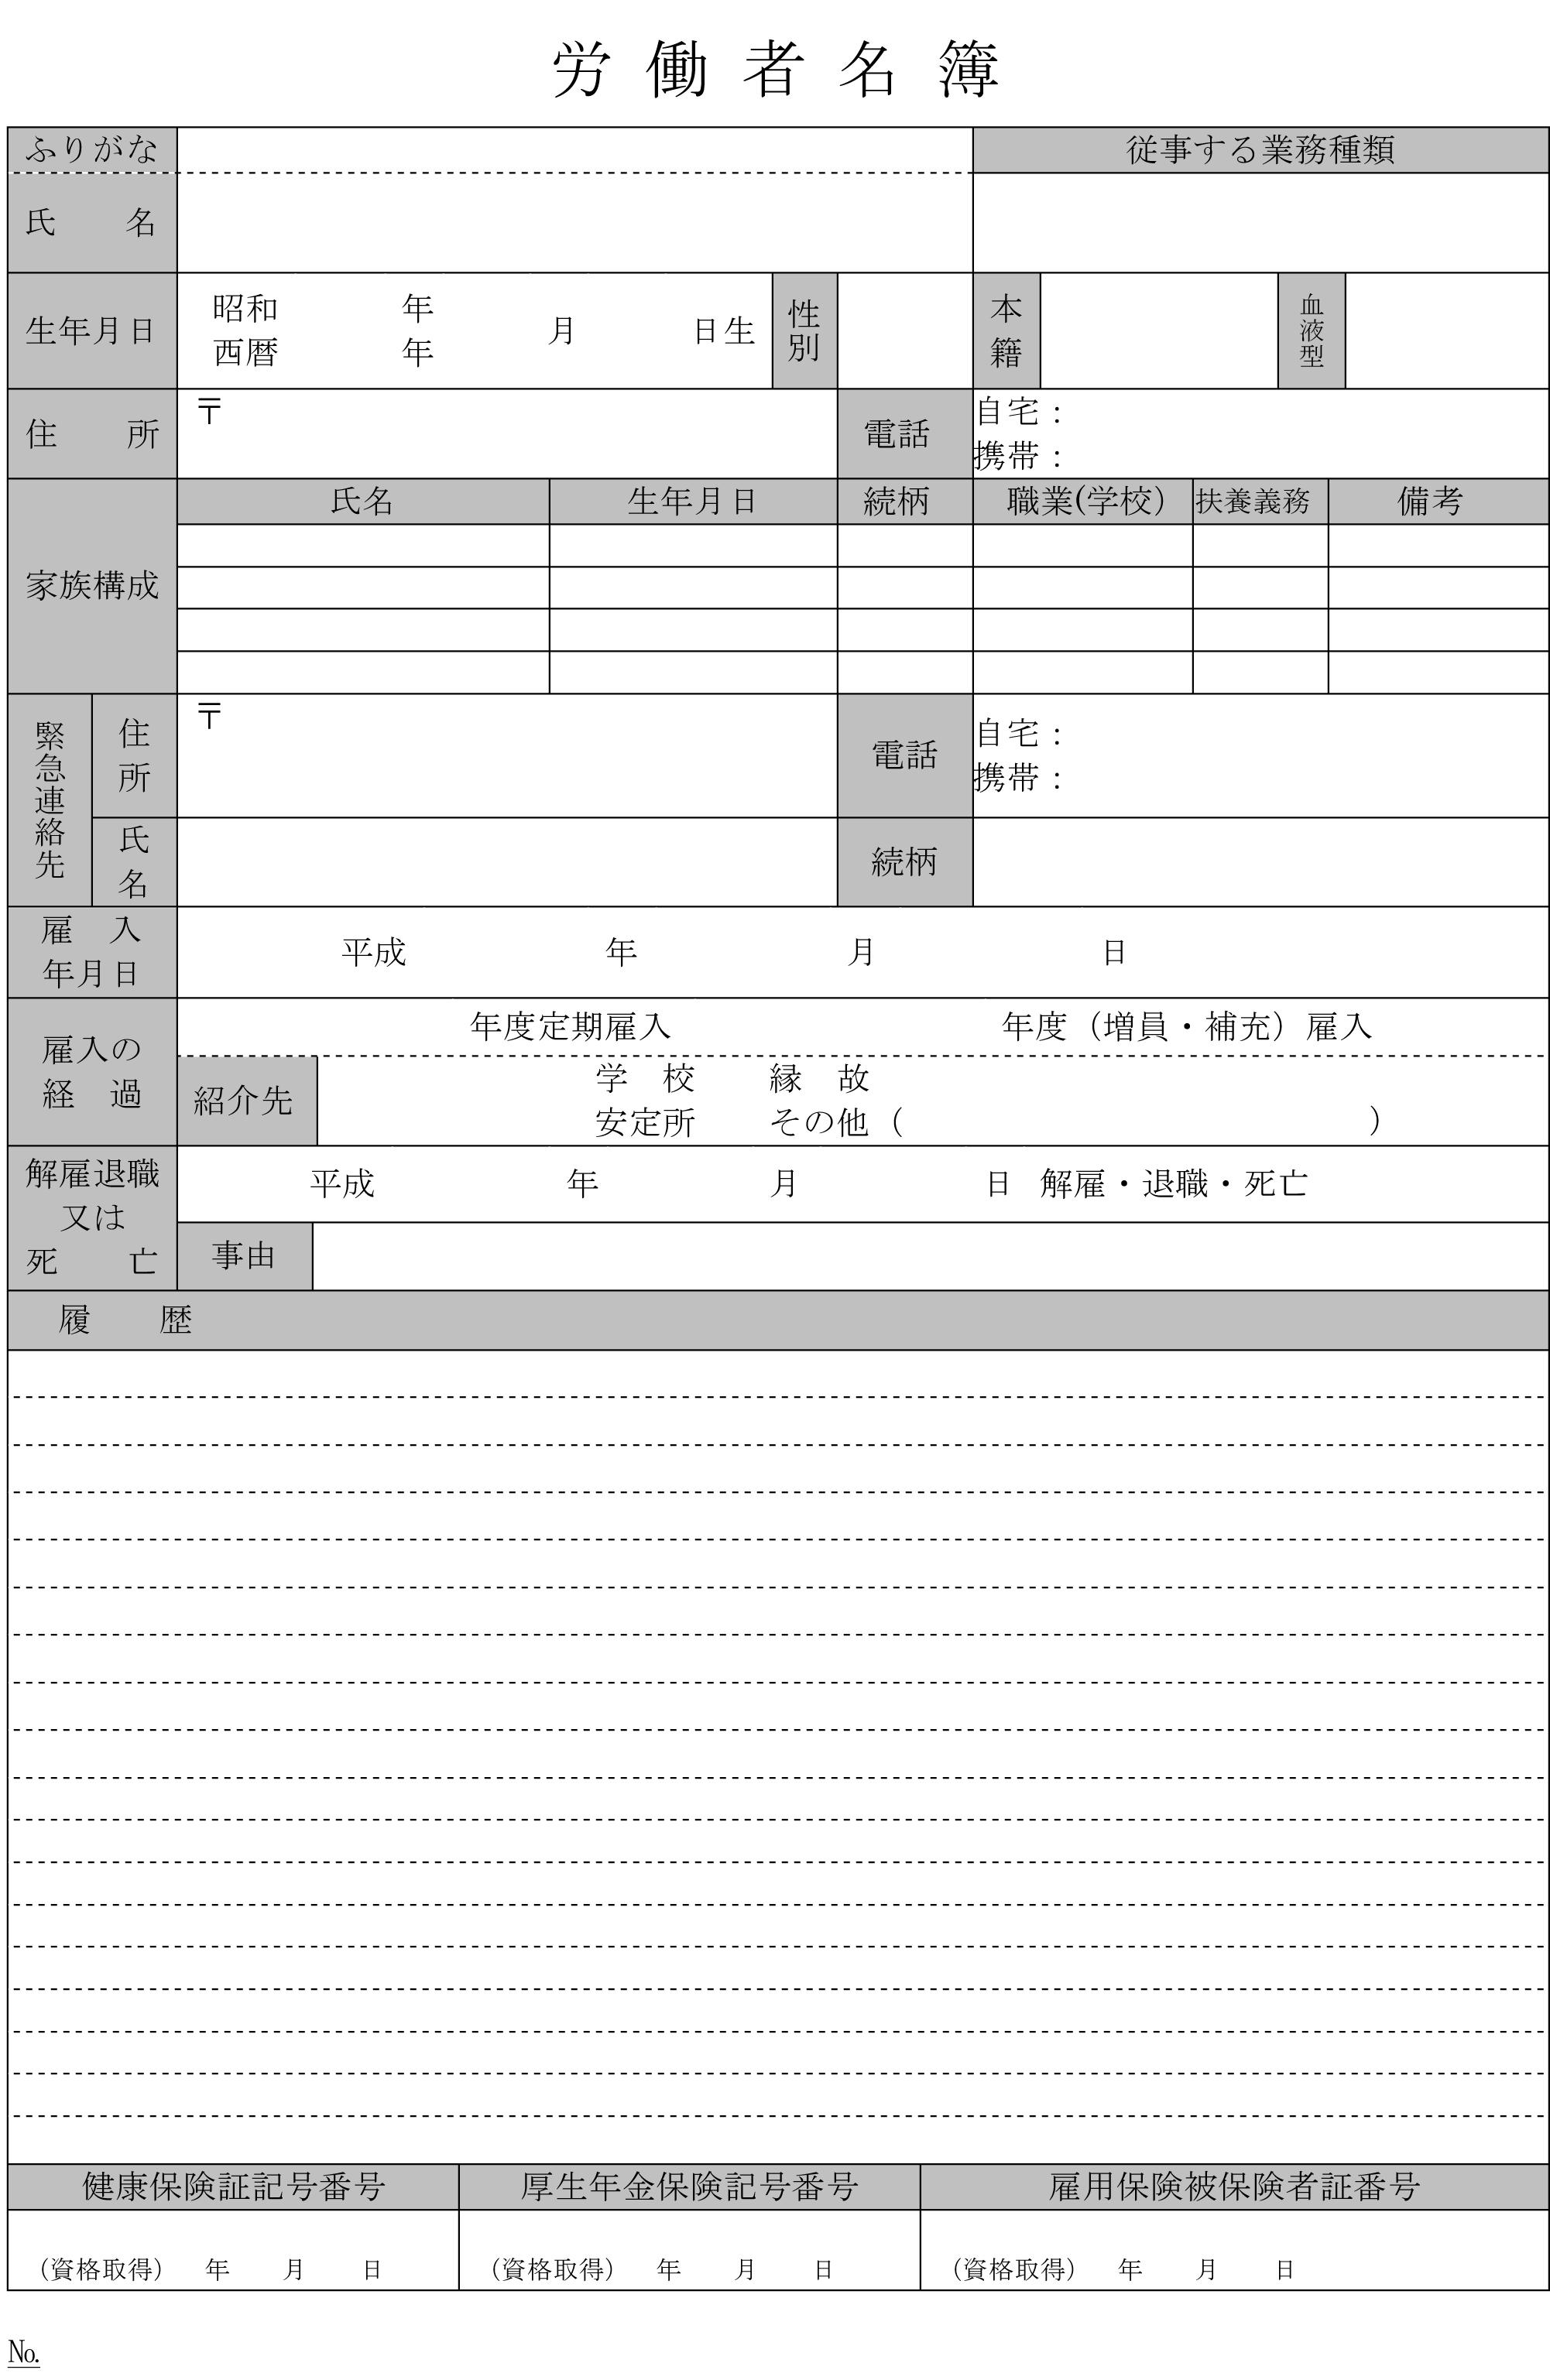 労働者名簿04